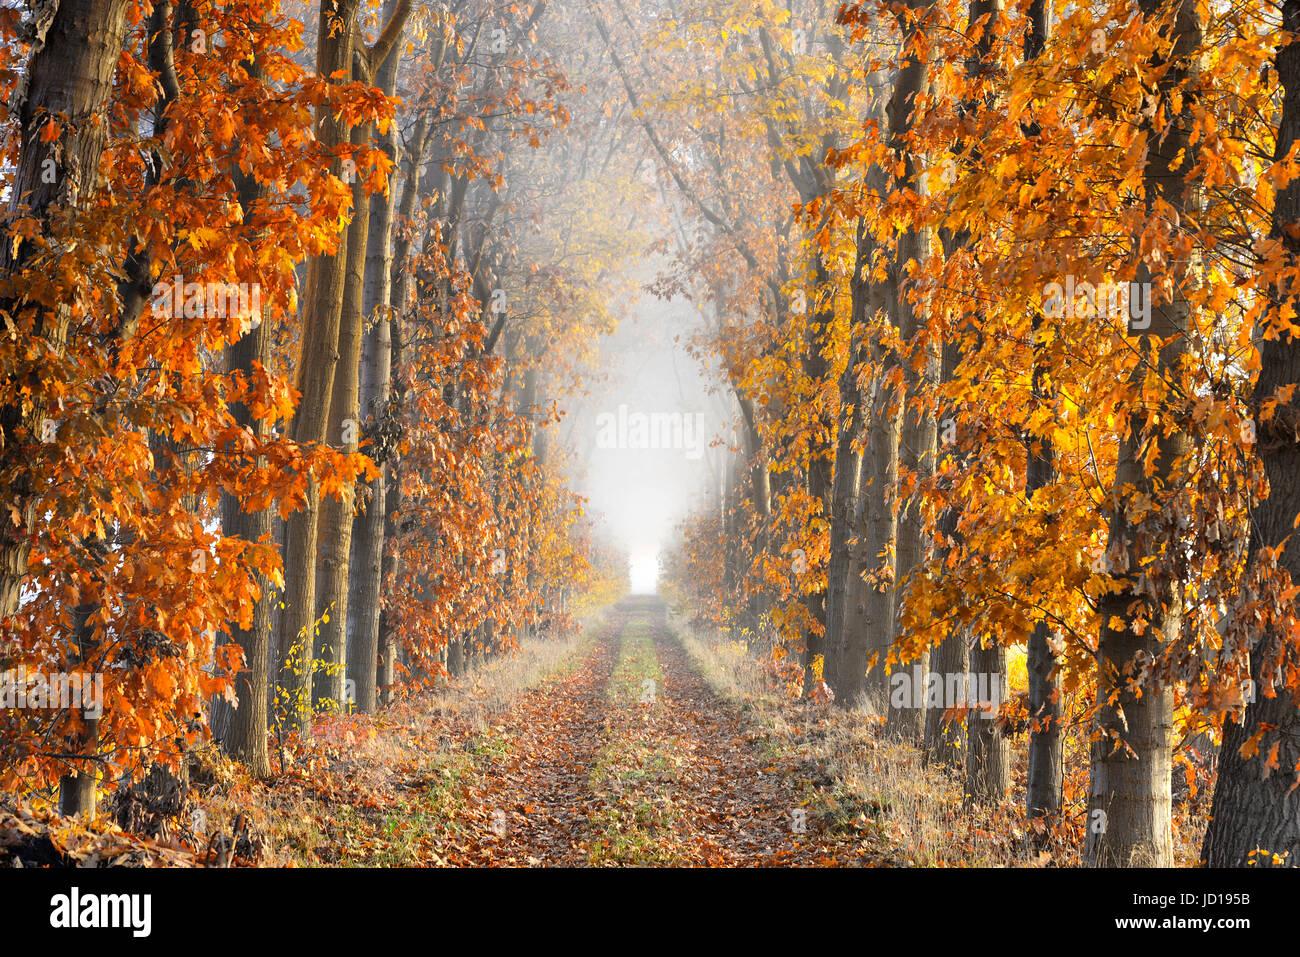 Eine Gasse mit Laub auf dem Boden, gesäumt von Bäumen im Herbst Farben zeigen große Perspektive und Stockbild